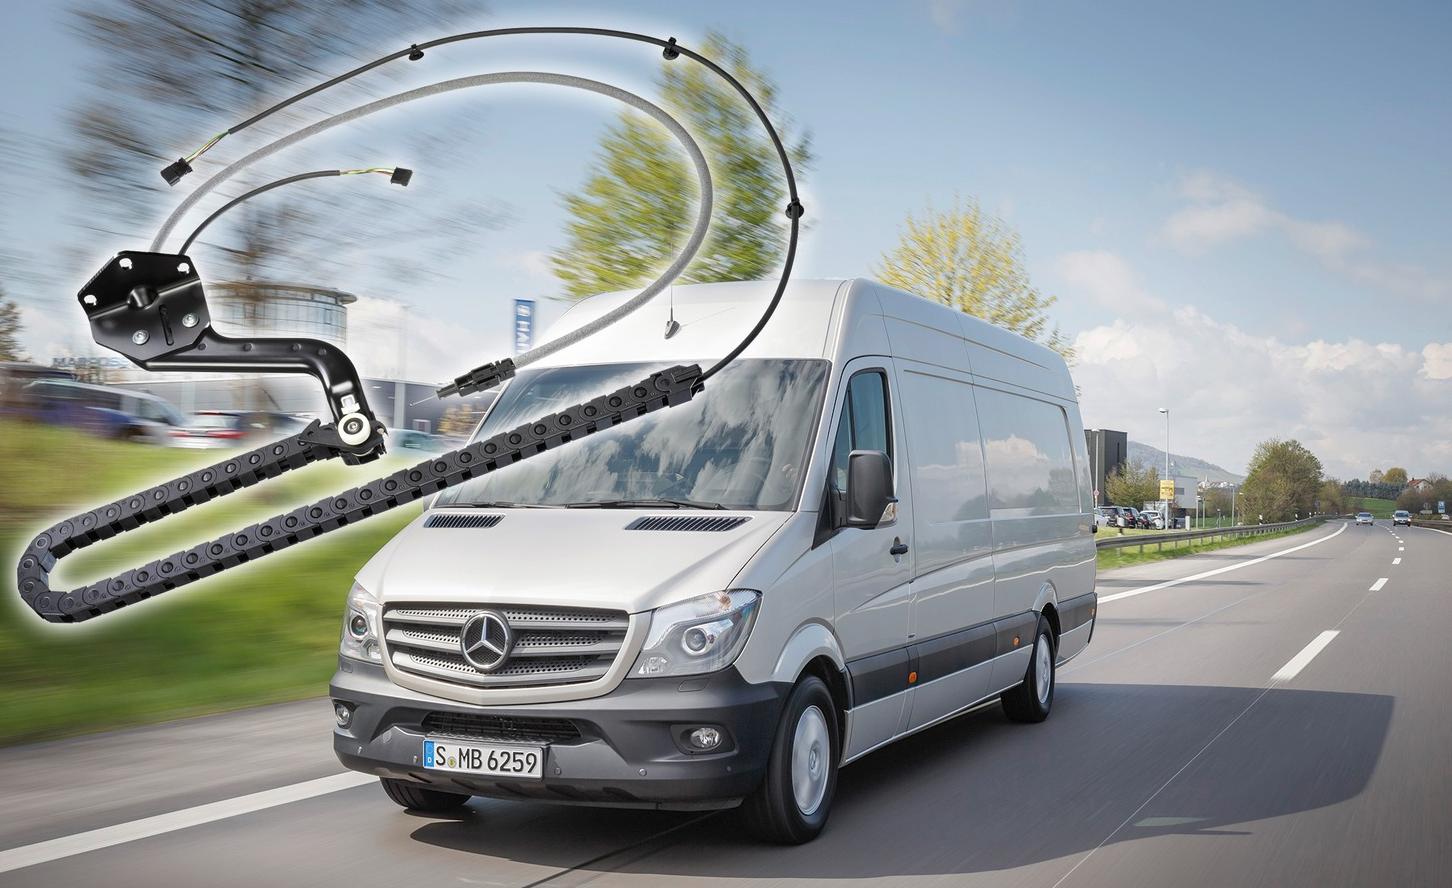 Das korrosionsfreie Gesamtsystem für die Daimler AG gewährleistet eine dauerhafte Bestromung der Schiebetür, hat eine lange Lebensdauer und ist wartungsfrei.